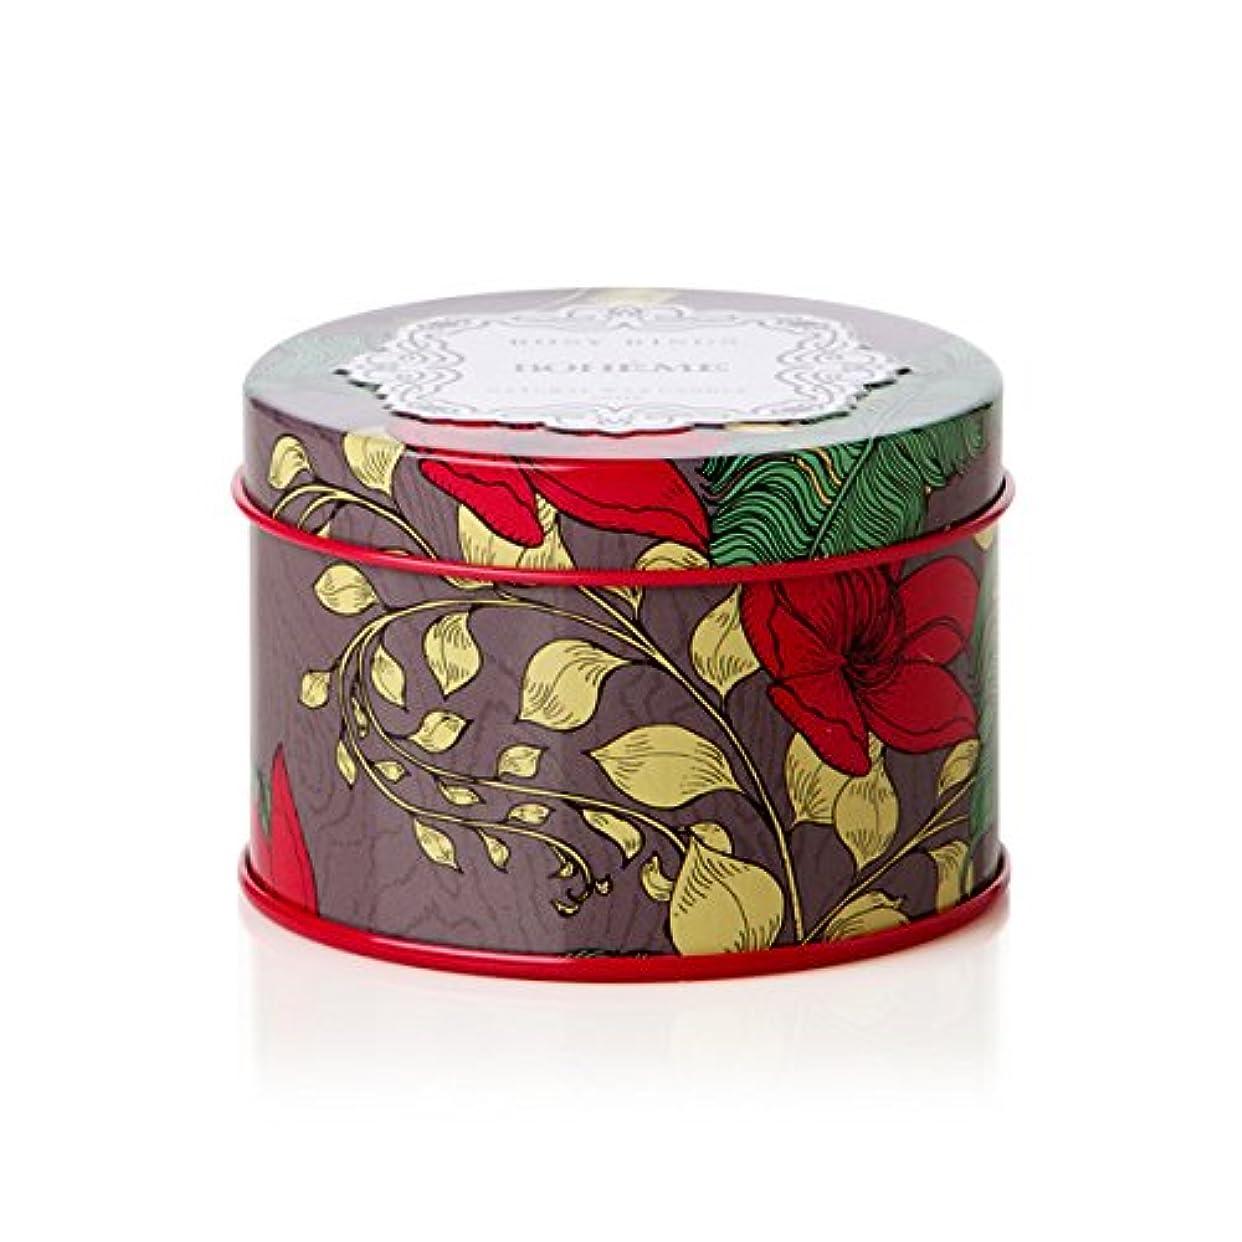 春と闘う訪問ロージーリングス プティティンキャンドル ボエム ROSY RINGS Petite Tin Bohème